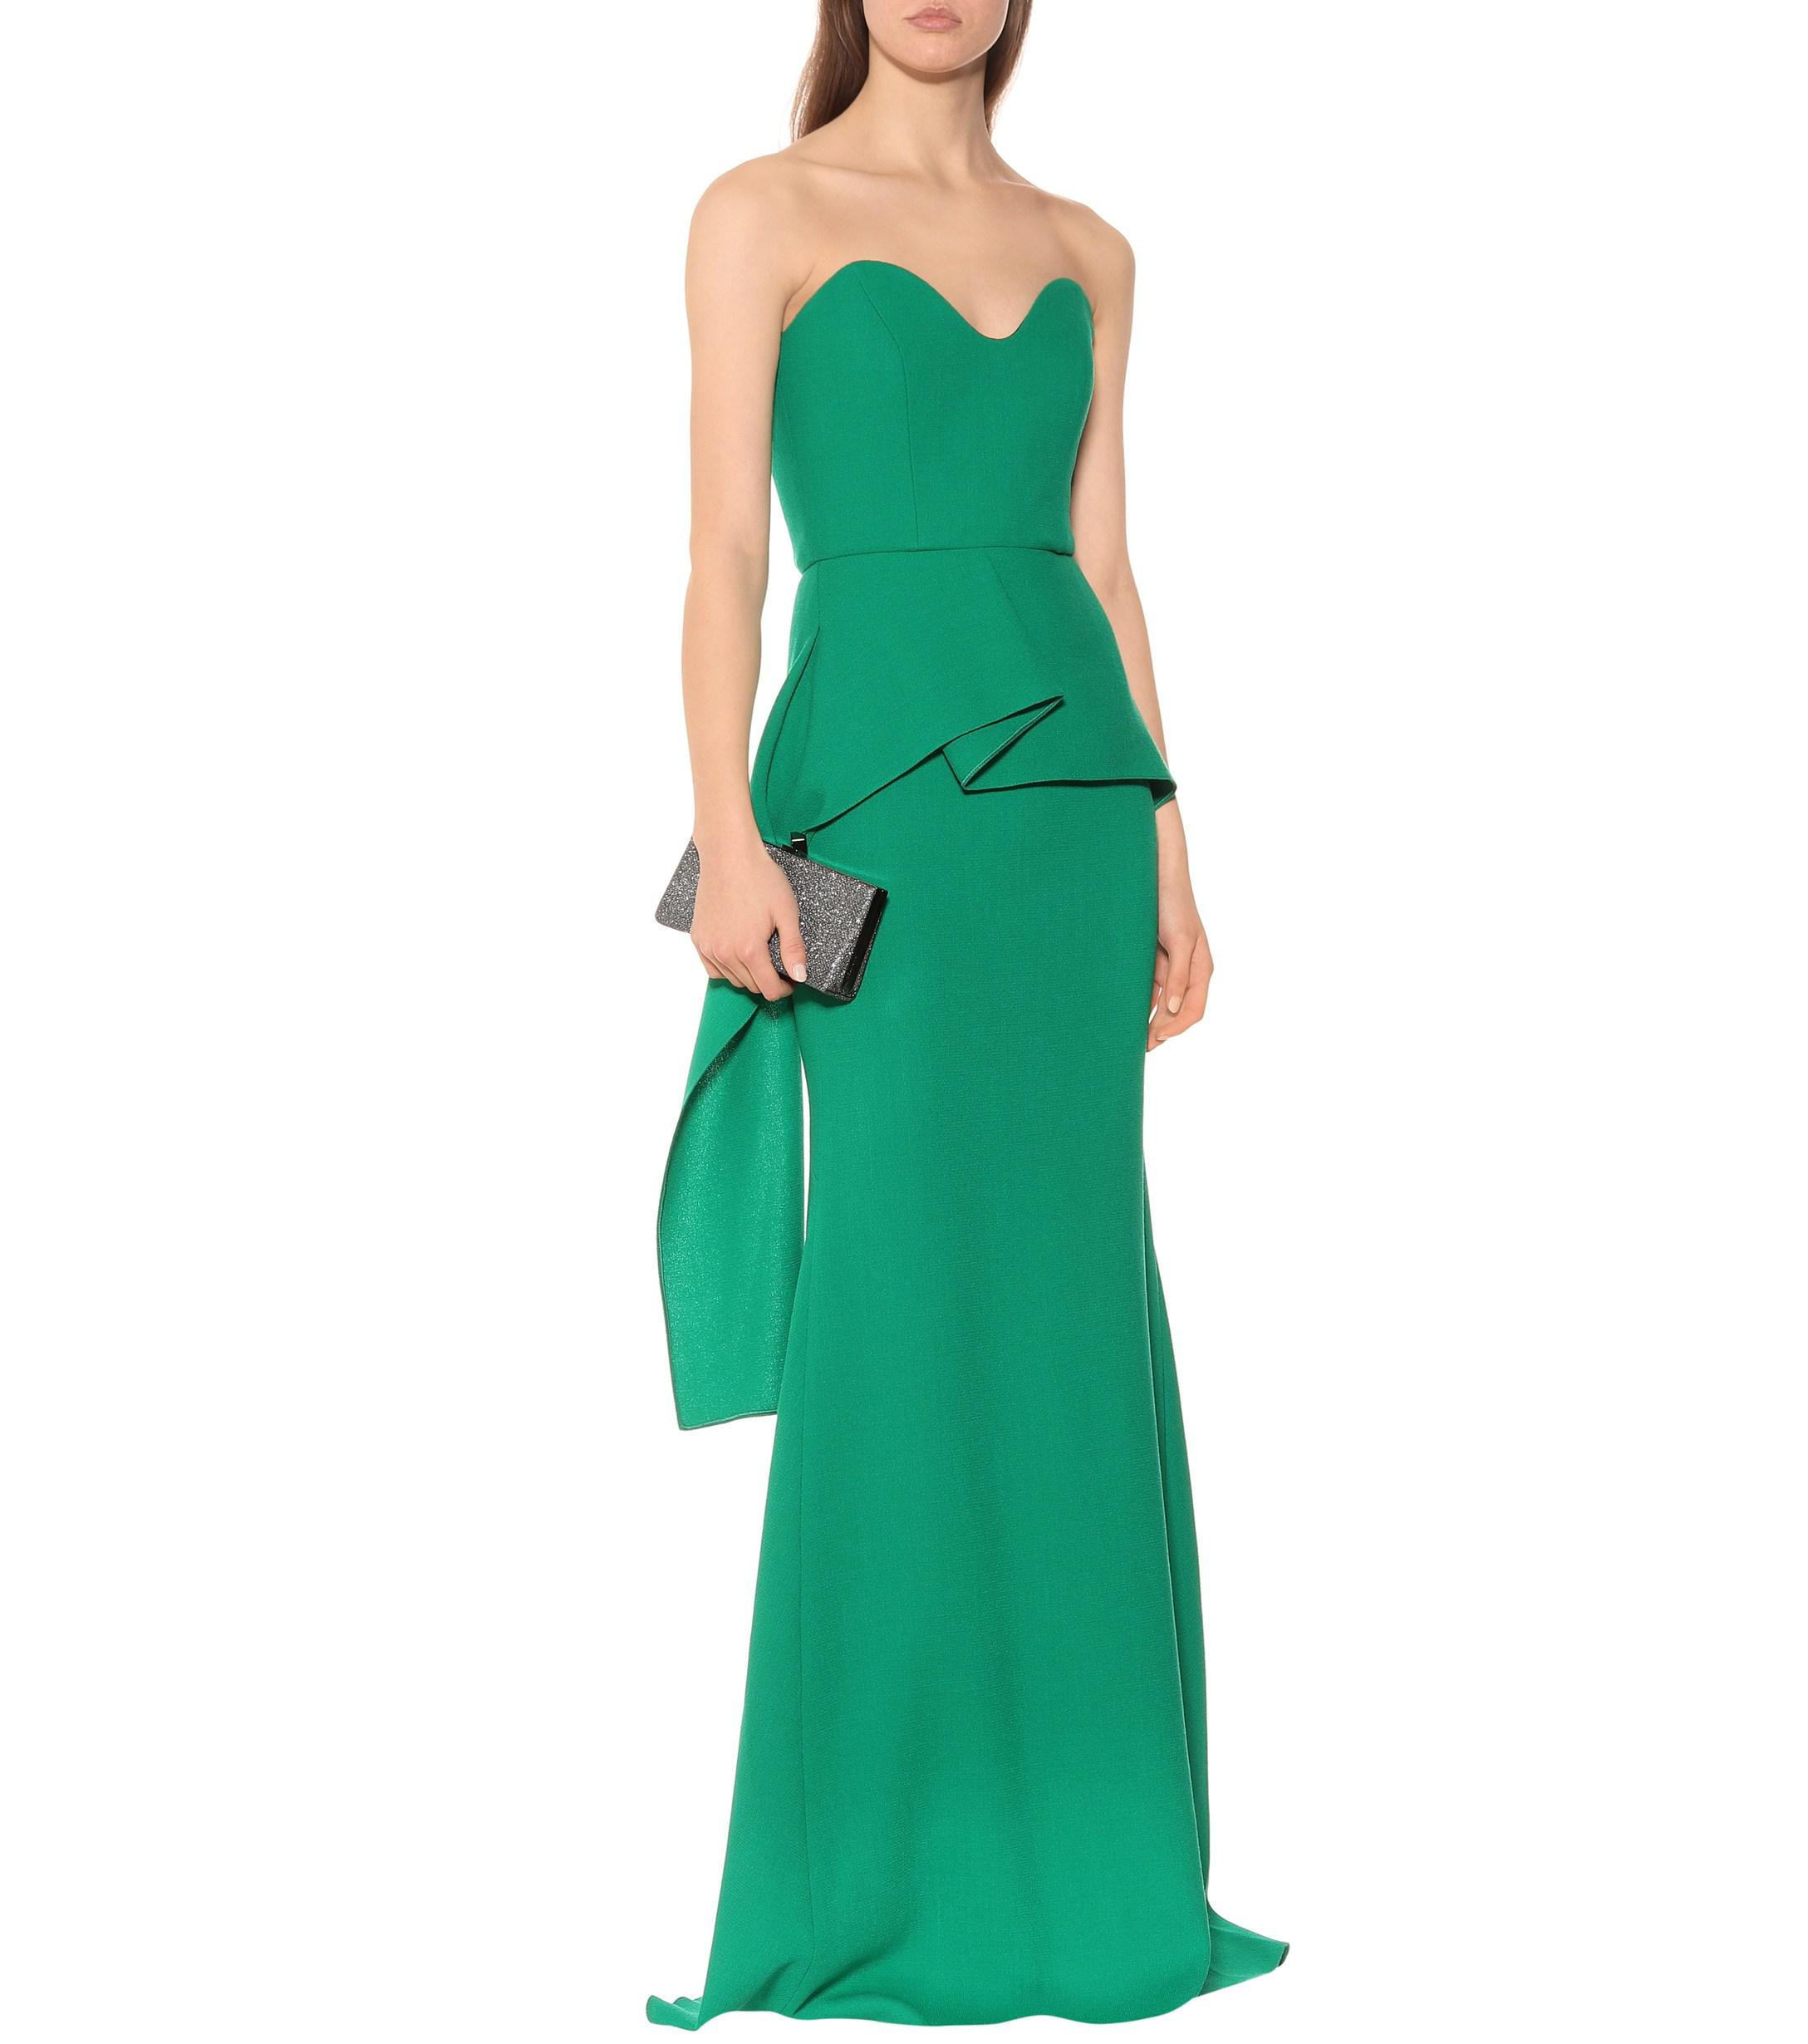 4a47aabb7a8e Roland Mouret - Green Bond Wool Crêpe Gown - Lyst. View fullscreen